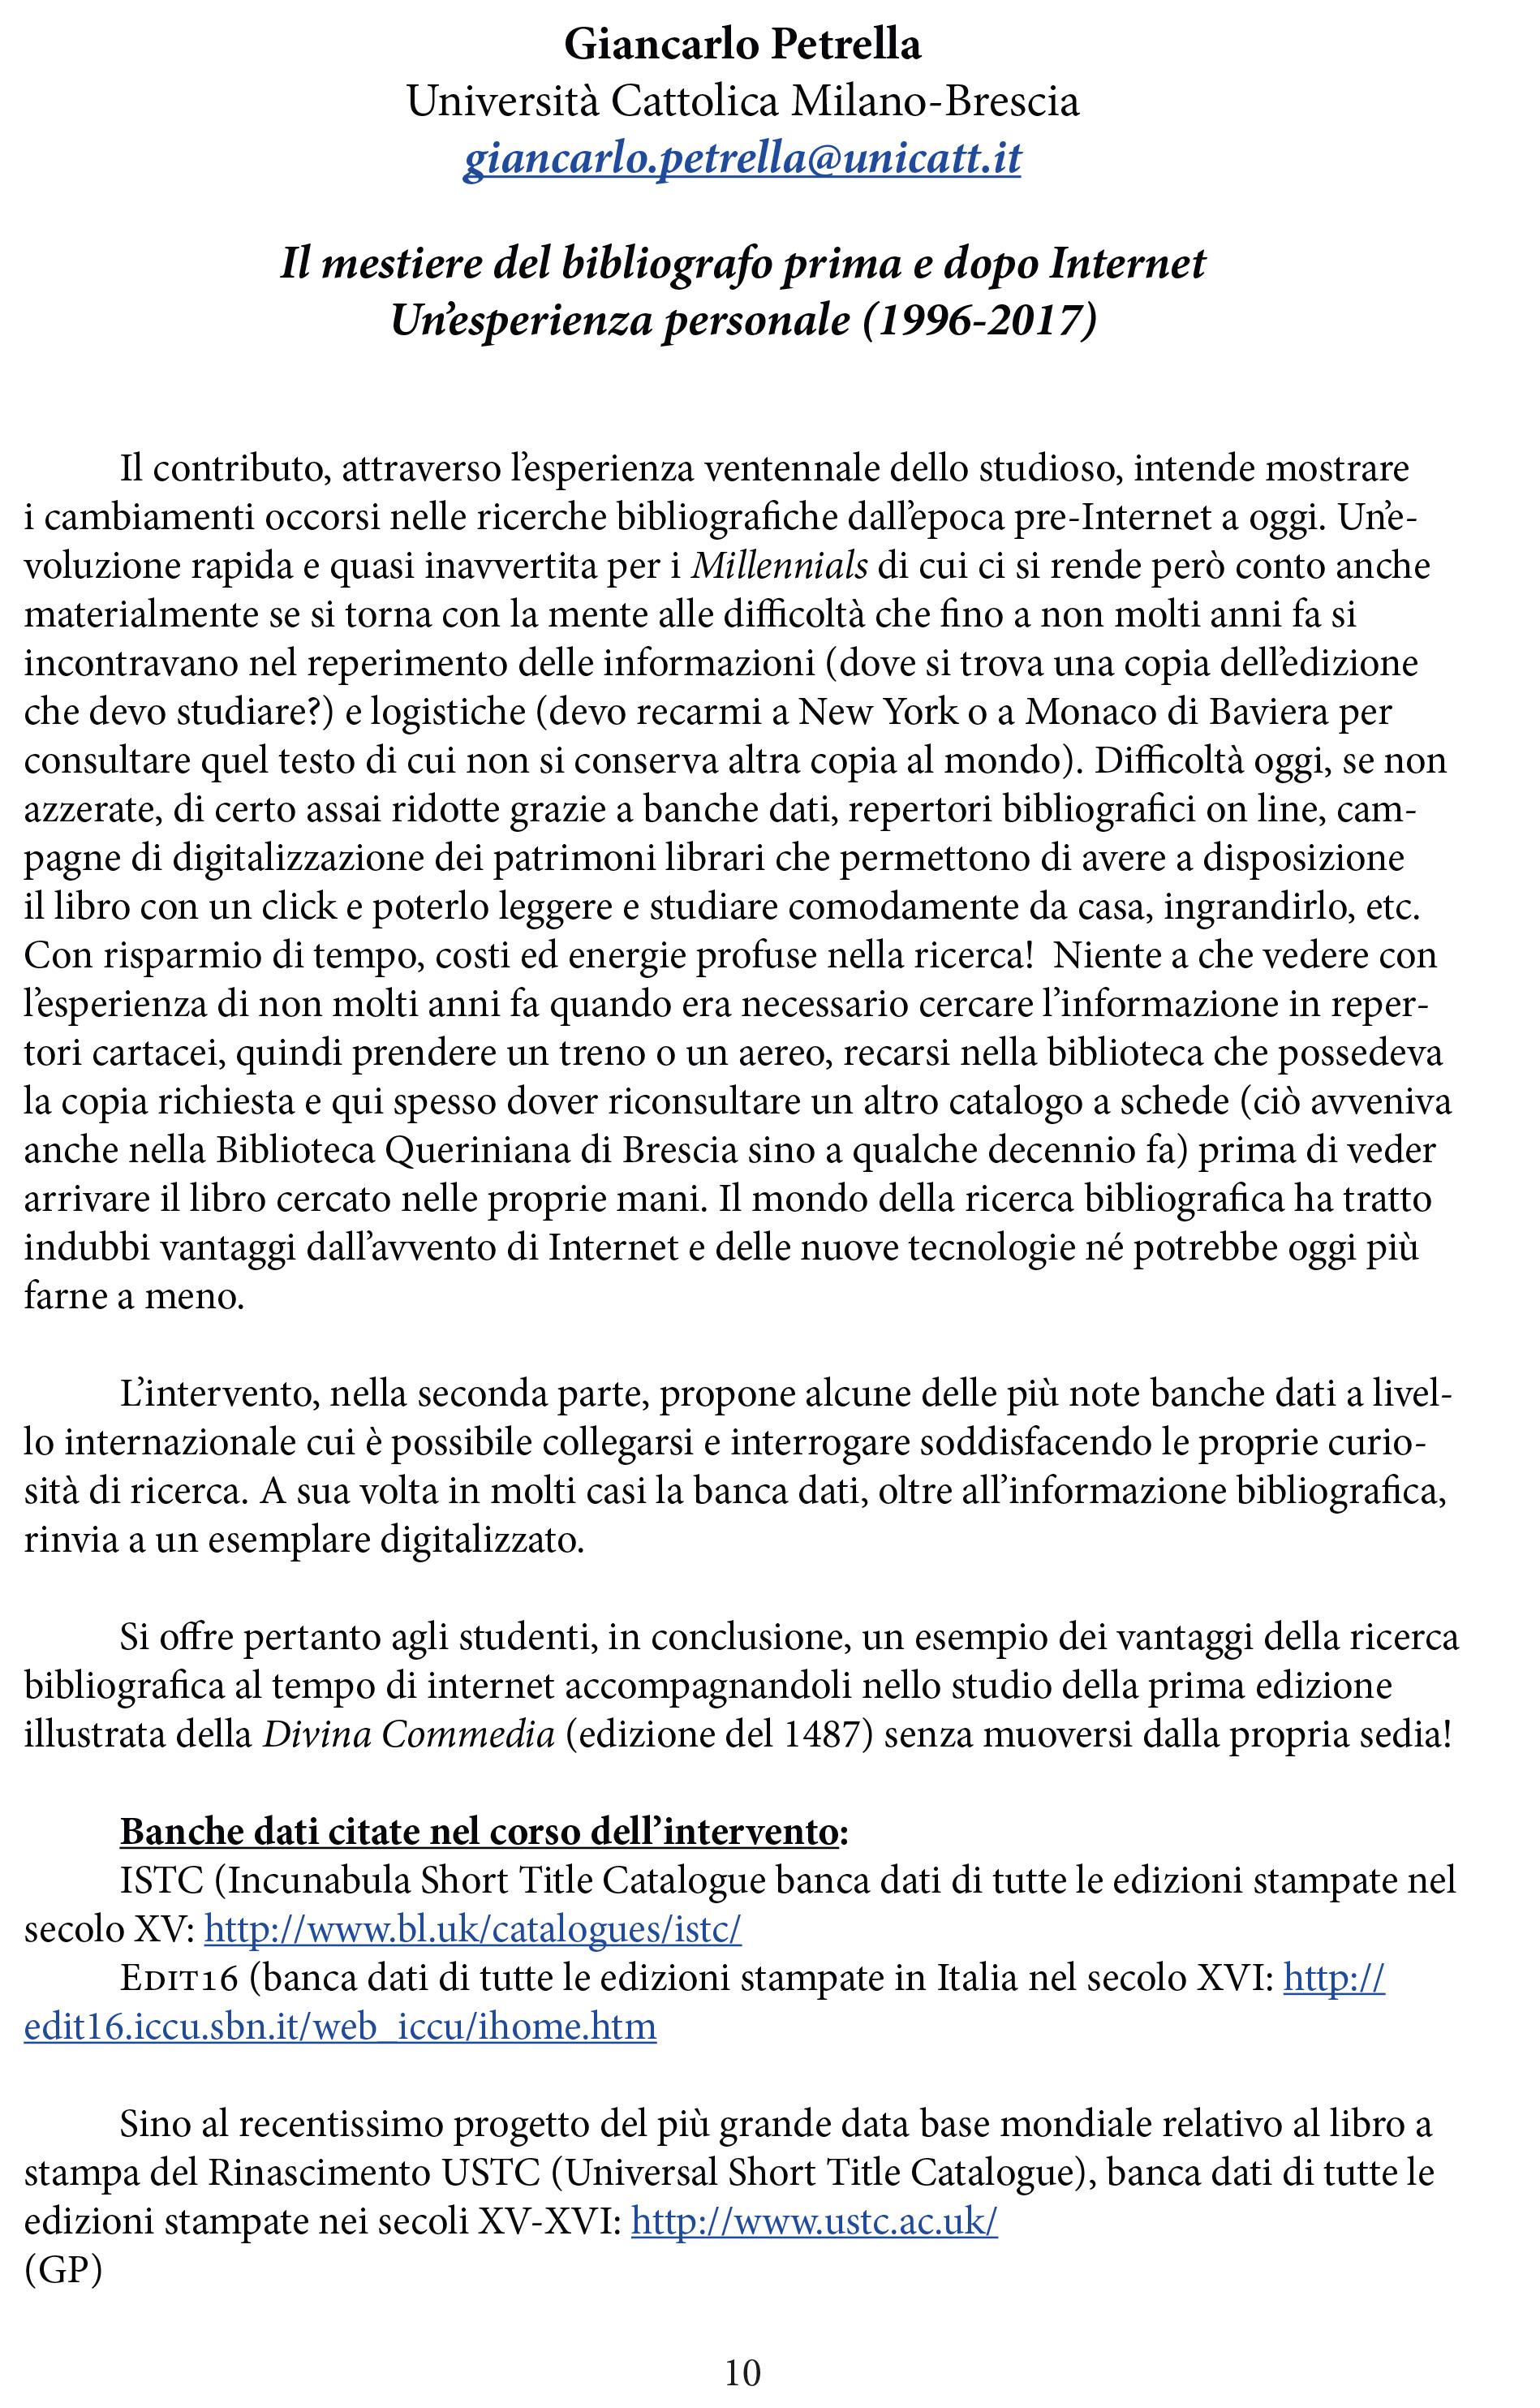 STUDIARE AL TEMPO DI INTERNET-10